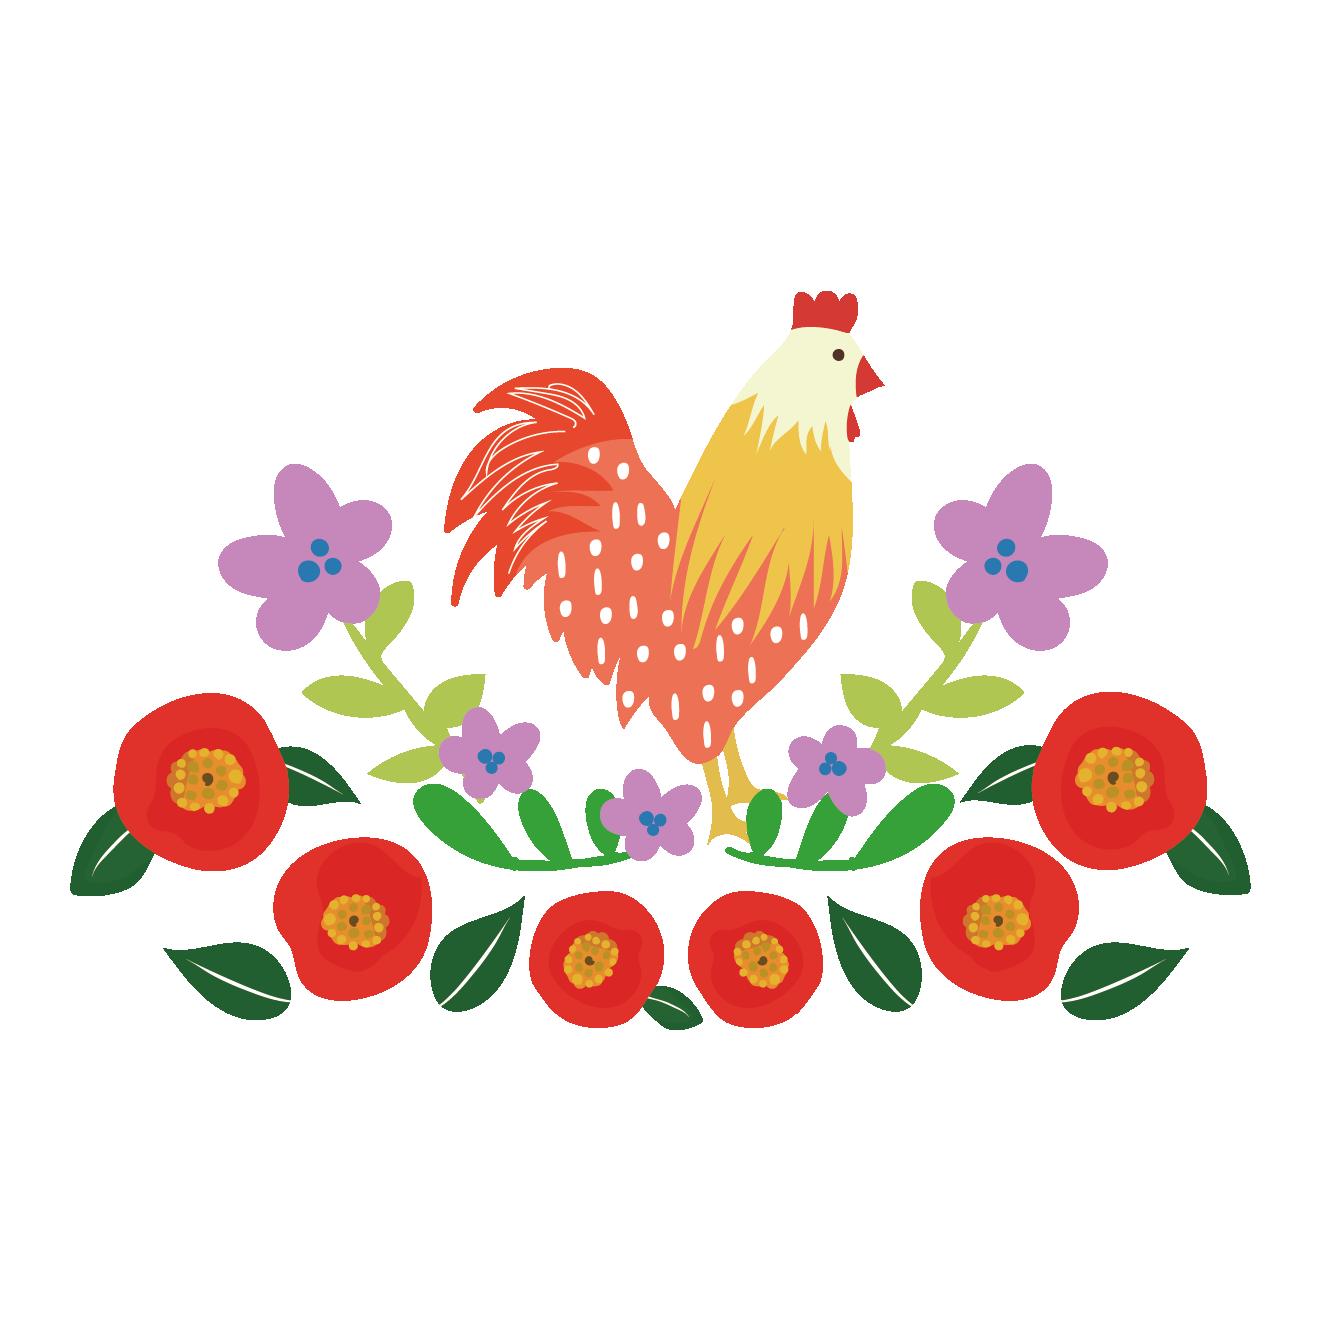 お洒落な鶏(にわとり)のワンポイントイラスト【酉年】 | 商用フリー